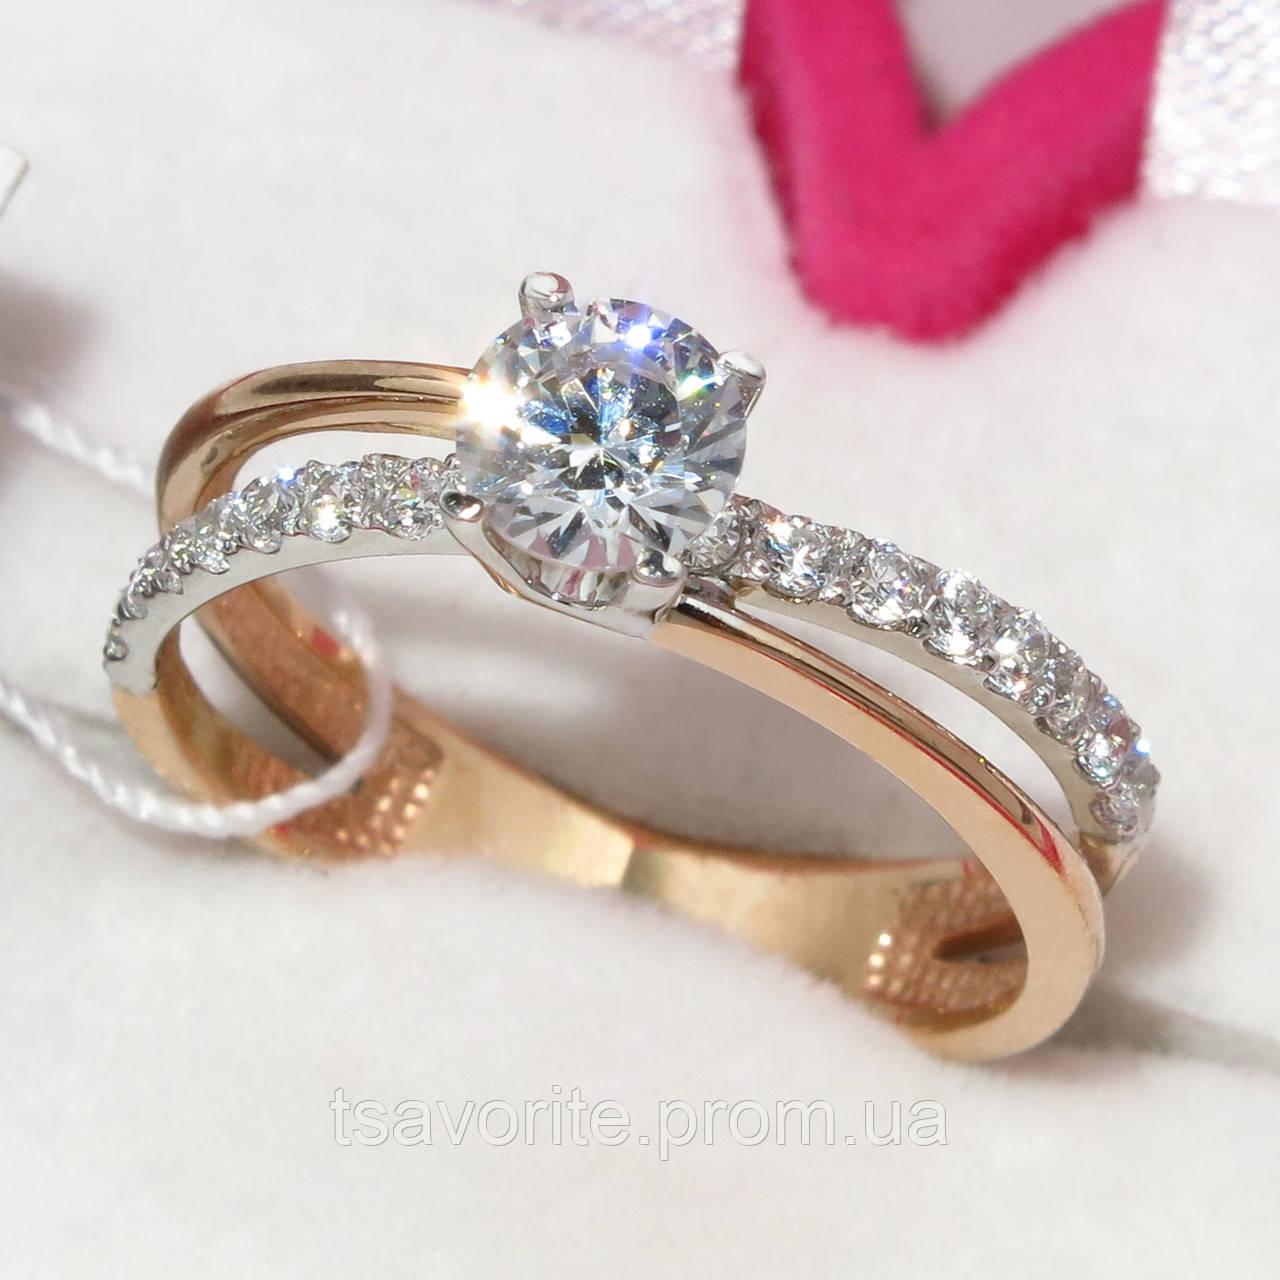 Золотое кольцо НХК-43